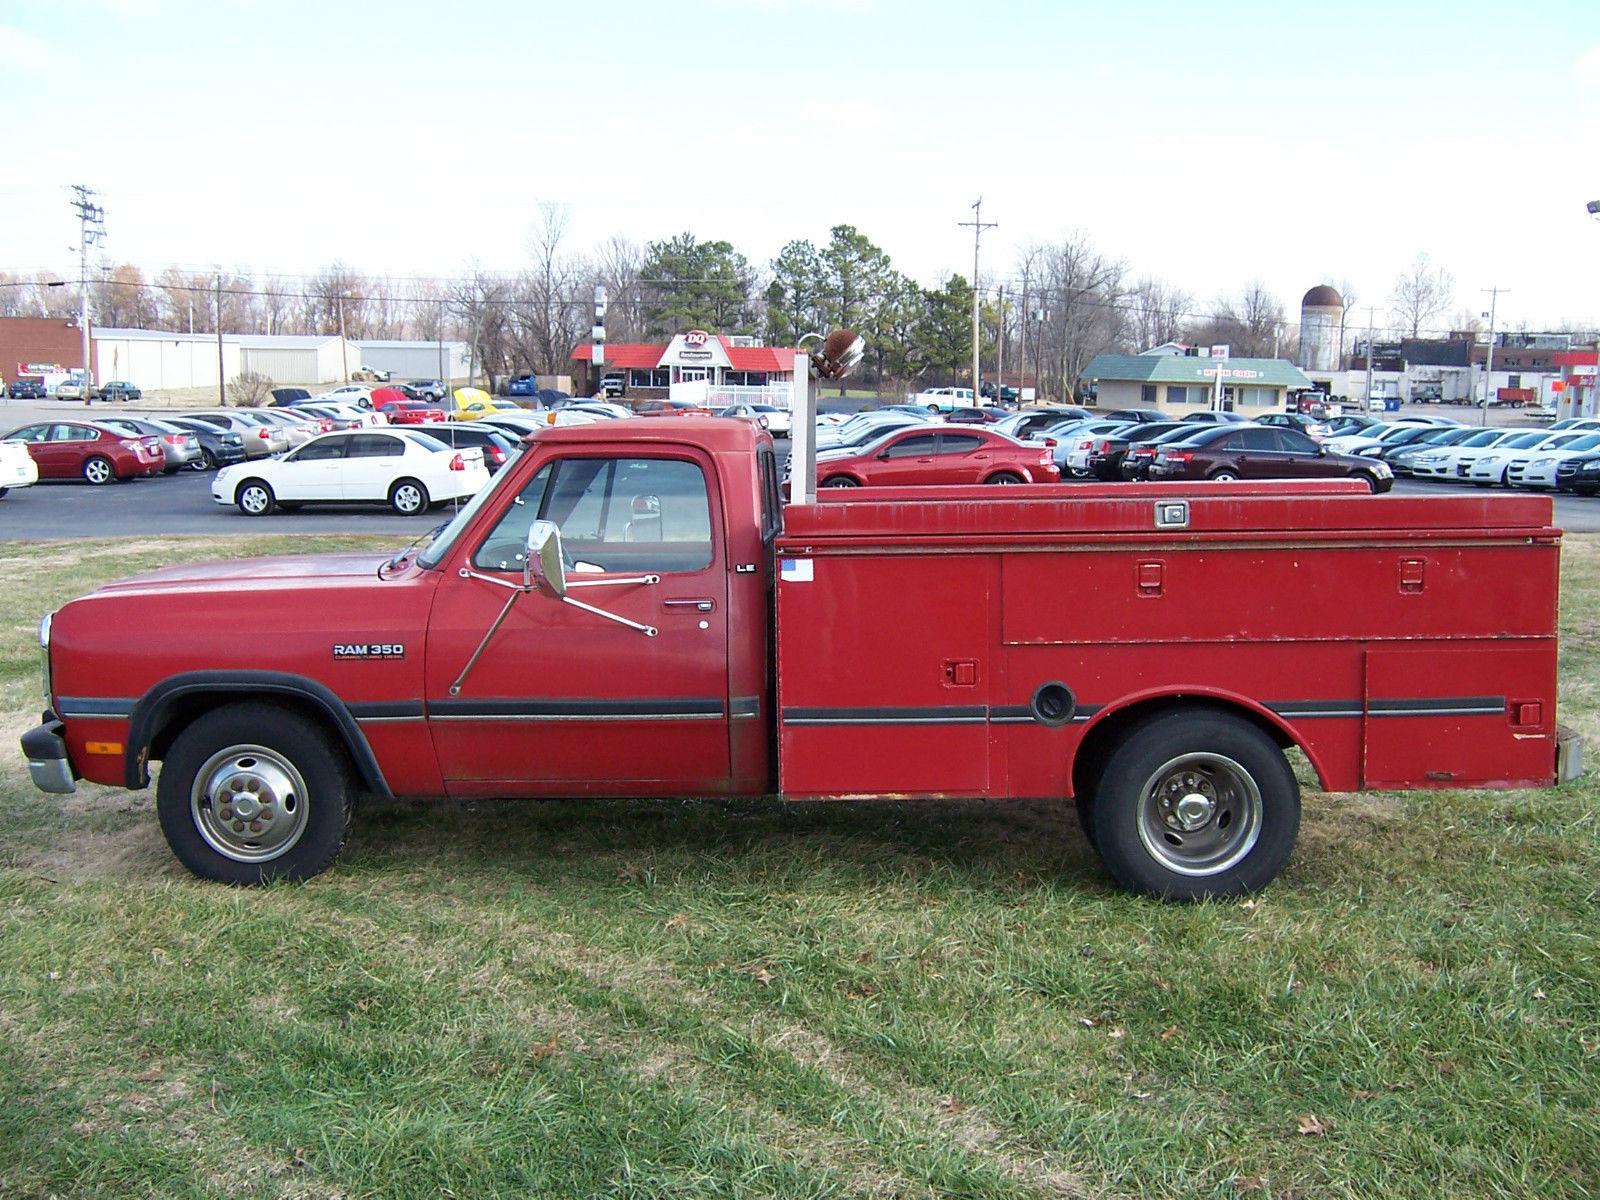 1992 Dodge Ram 3500 12 Valve Cummins Diesel Utility Bed